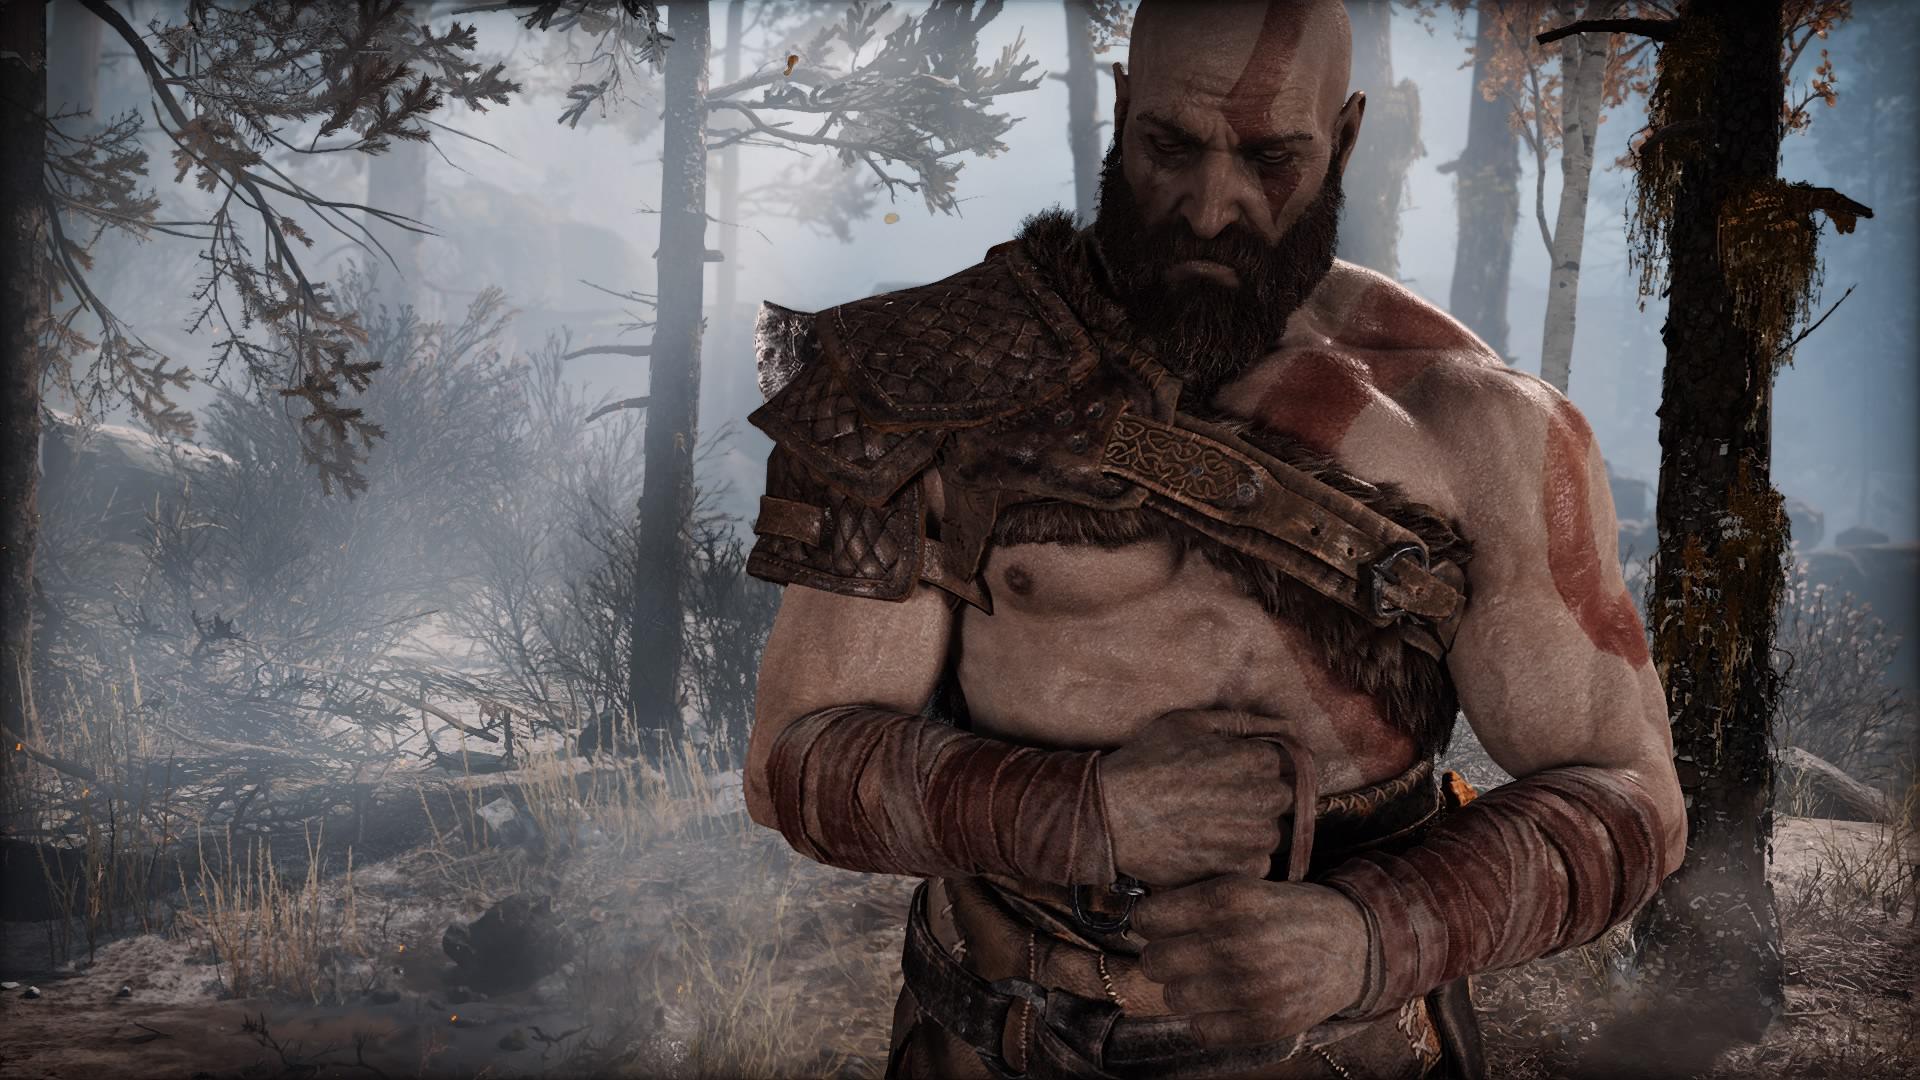 Символично: потрепанная повязка оголяет старые шрамы героя. Кратос прячет их от сына. Затягиваем бинт потуже, вдох-выдох и идем дальше.